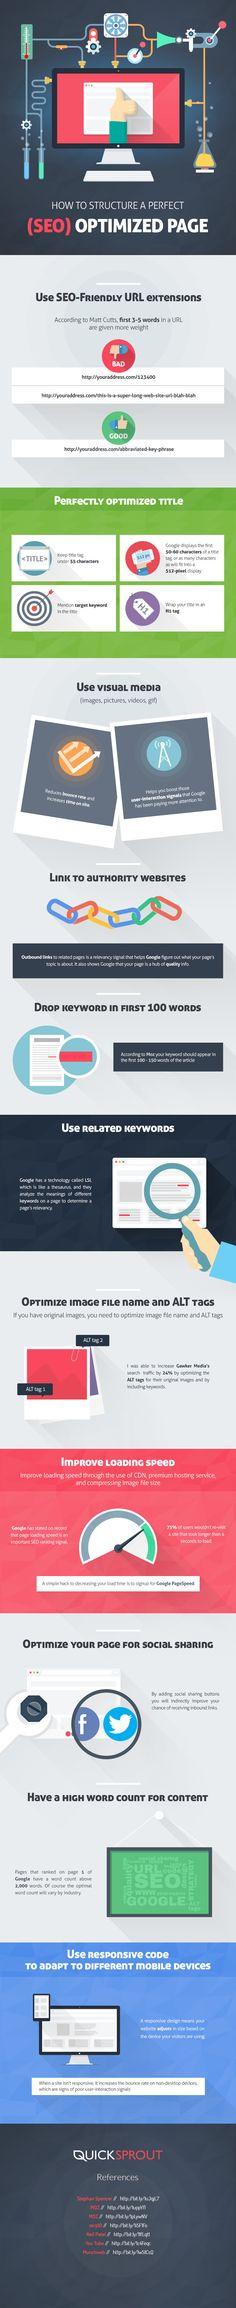 SEO : anatomie du post parfait pour faire bonne figure sur les moteurs de recherche